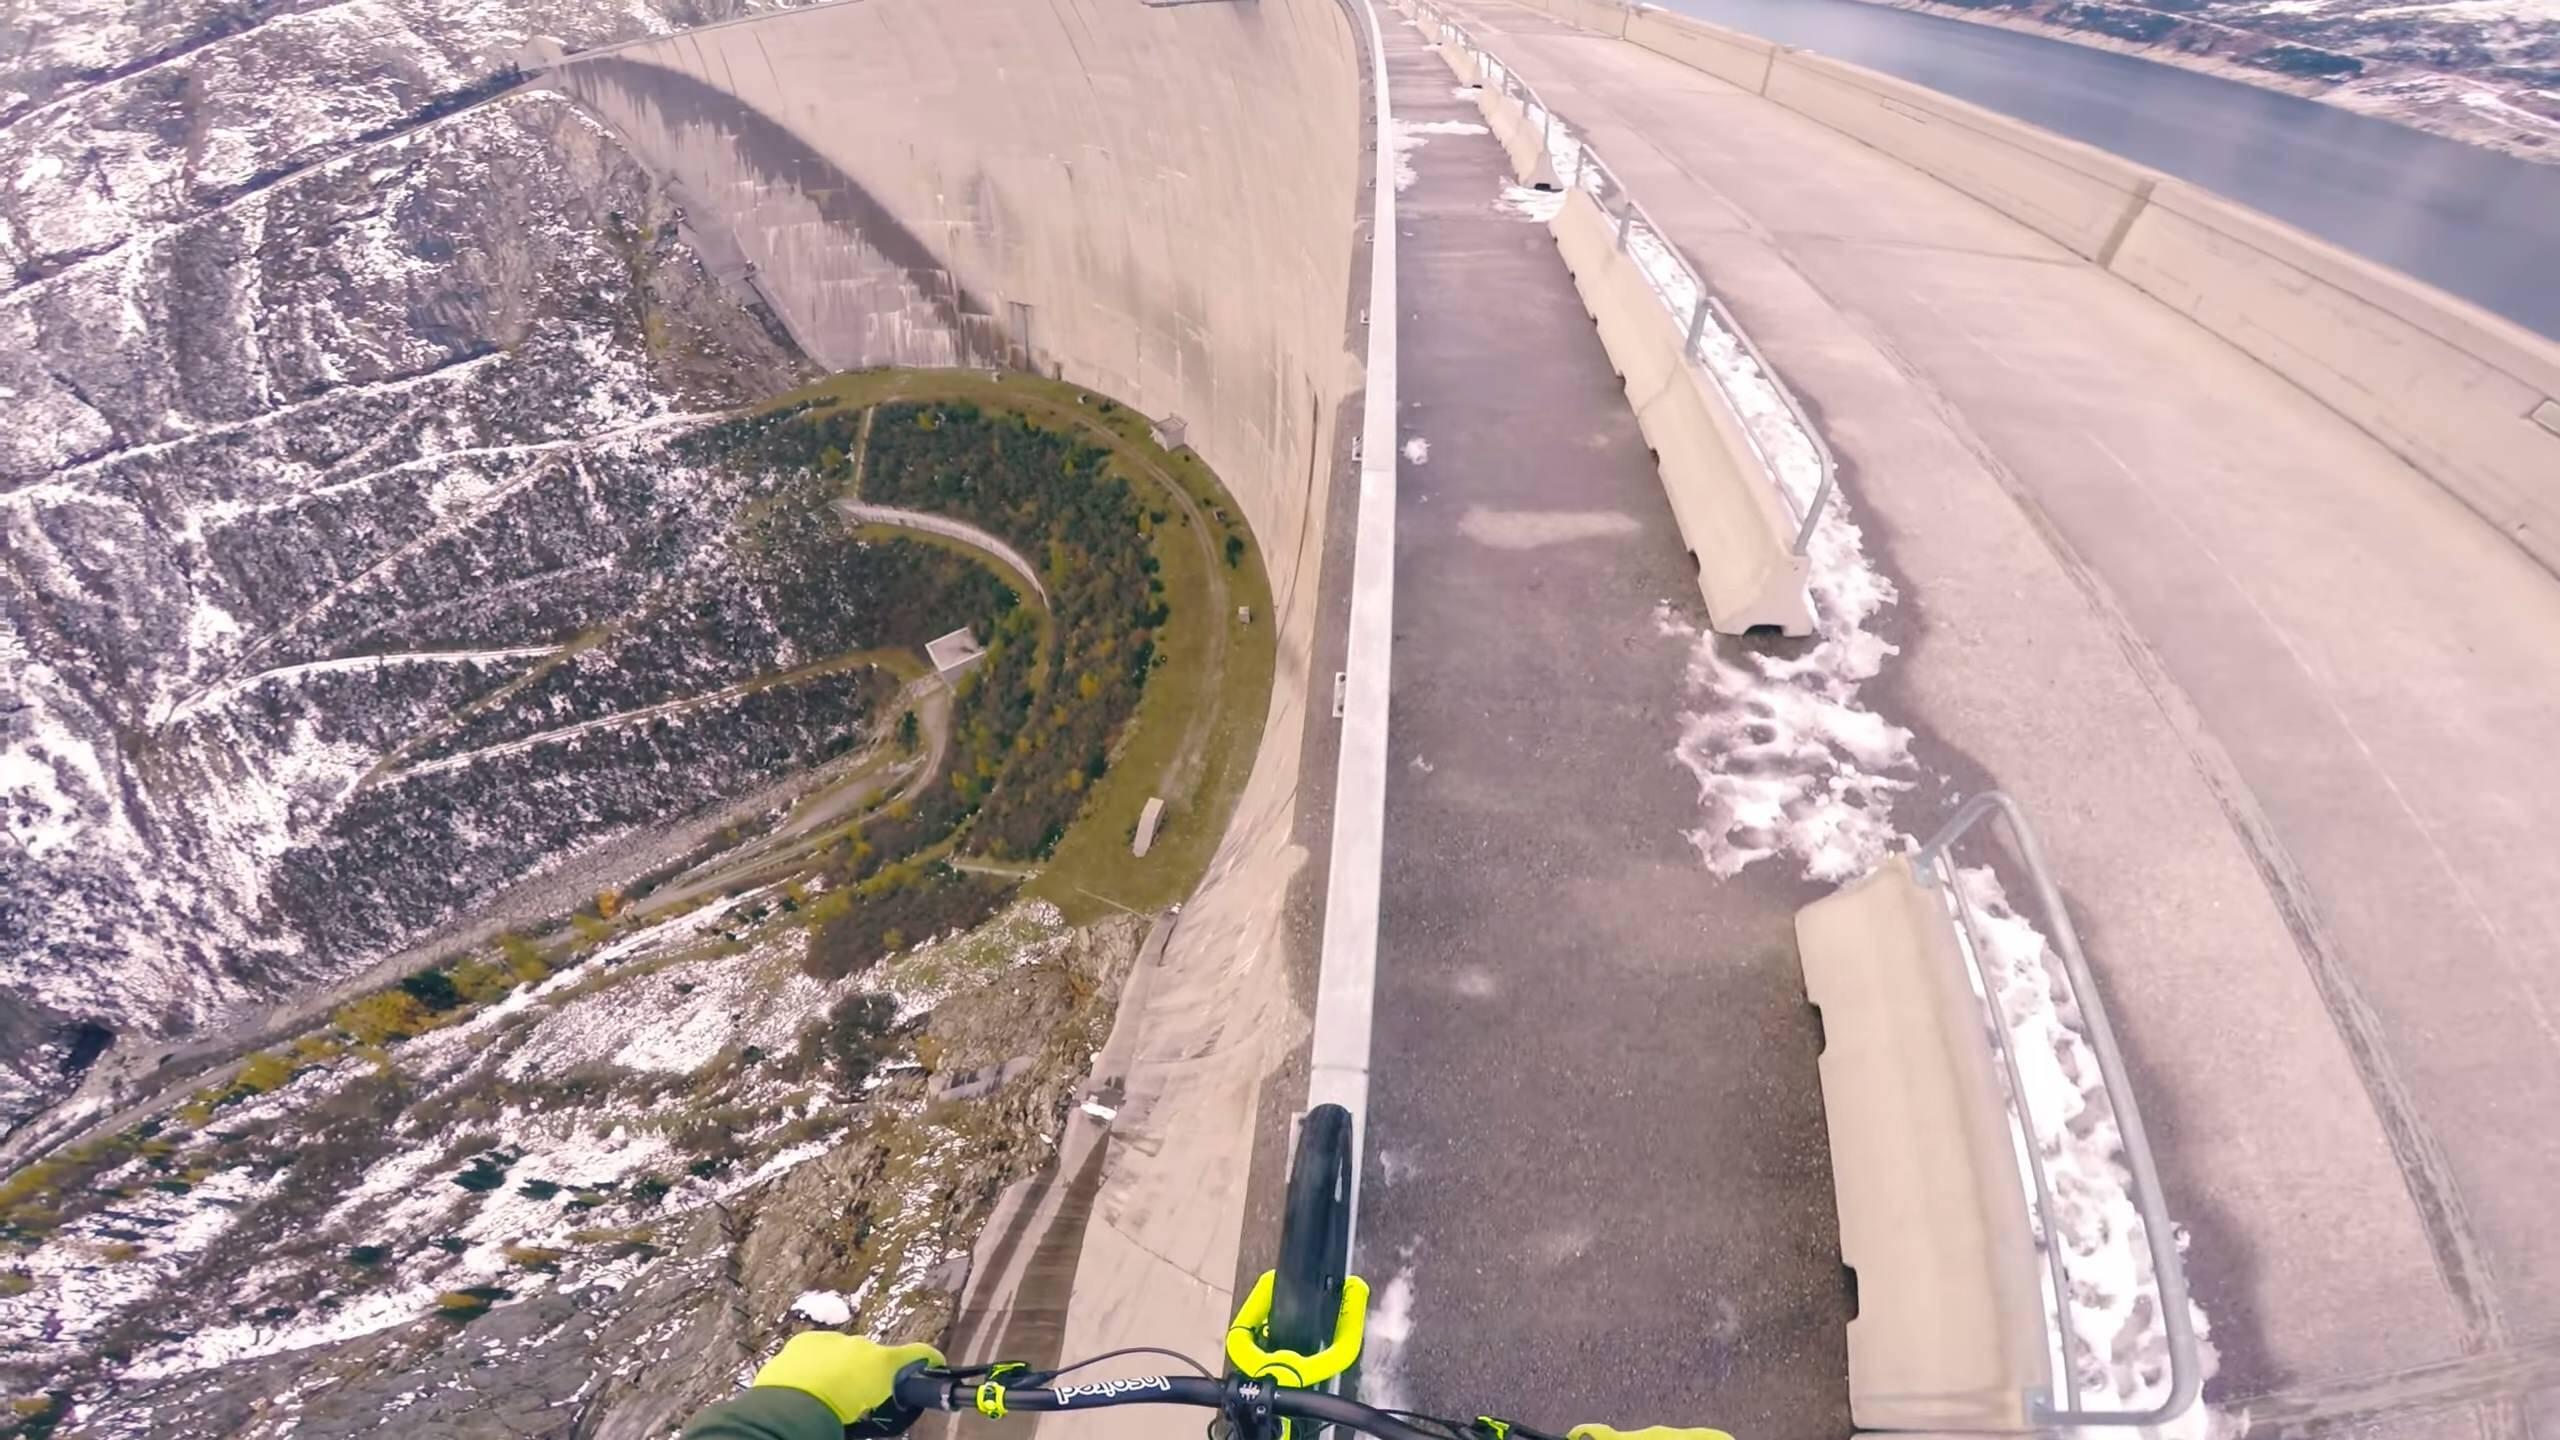 ダムの手すりで自転車に乗るっていうめっちゃ怖い映像:Fabio Wibmer